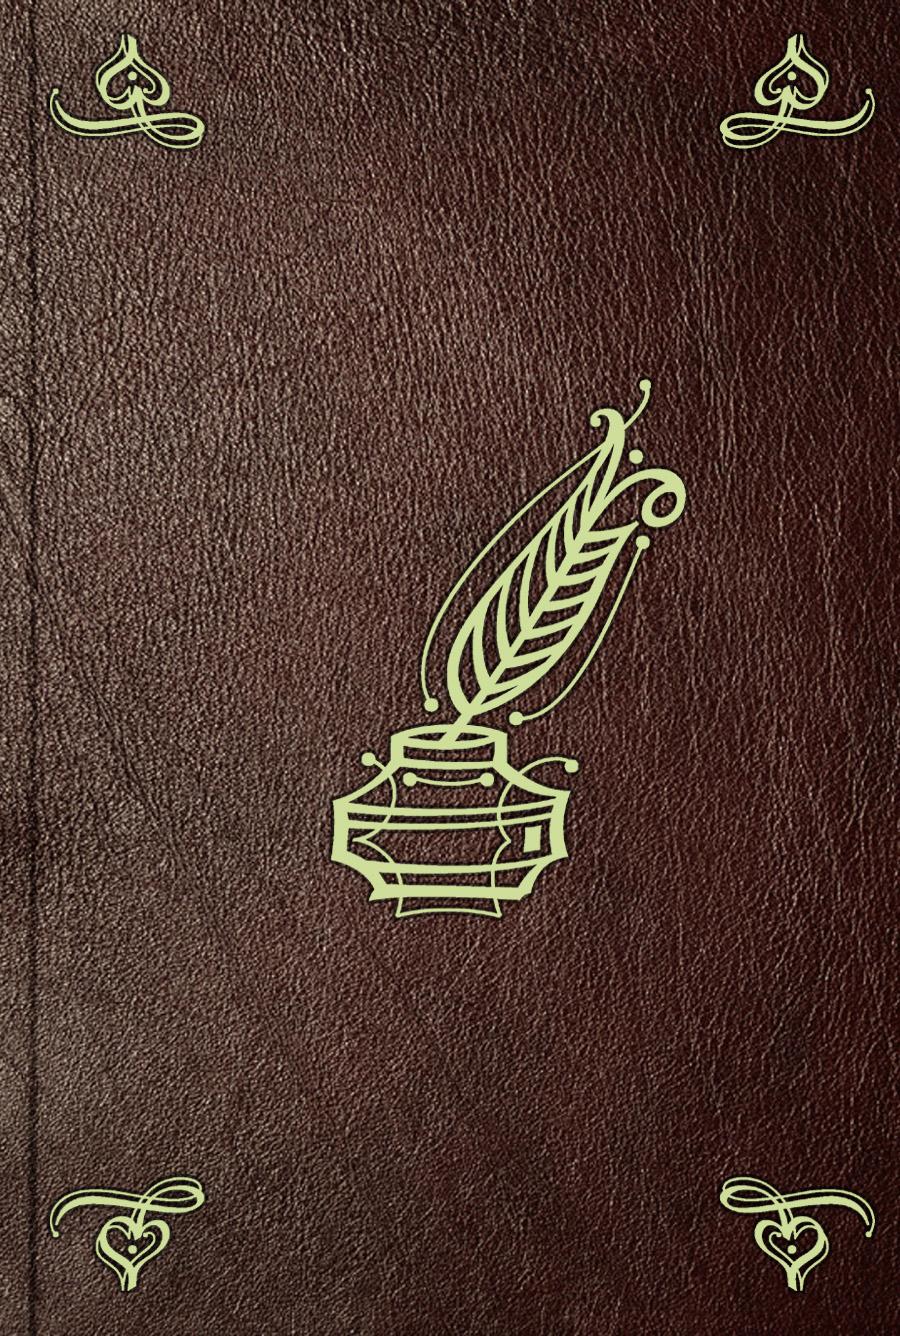 Эрнст Гофман E. T. A. Hoffmann's Ausgewählte Schriften Bd. 3 christian jacob kraus vermischte schriften über staatswirtschaftliche philosophische und andere gegenstände bd 4 t 2